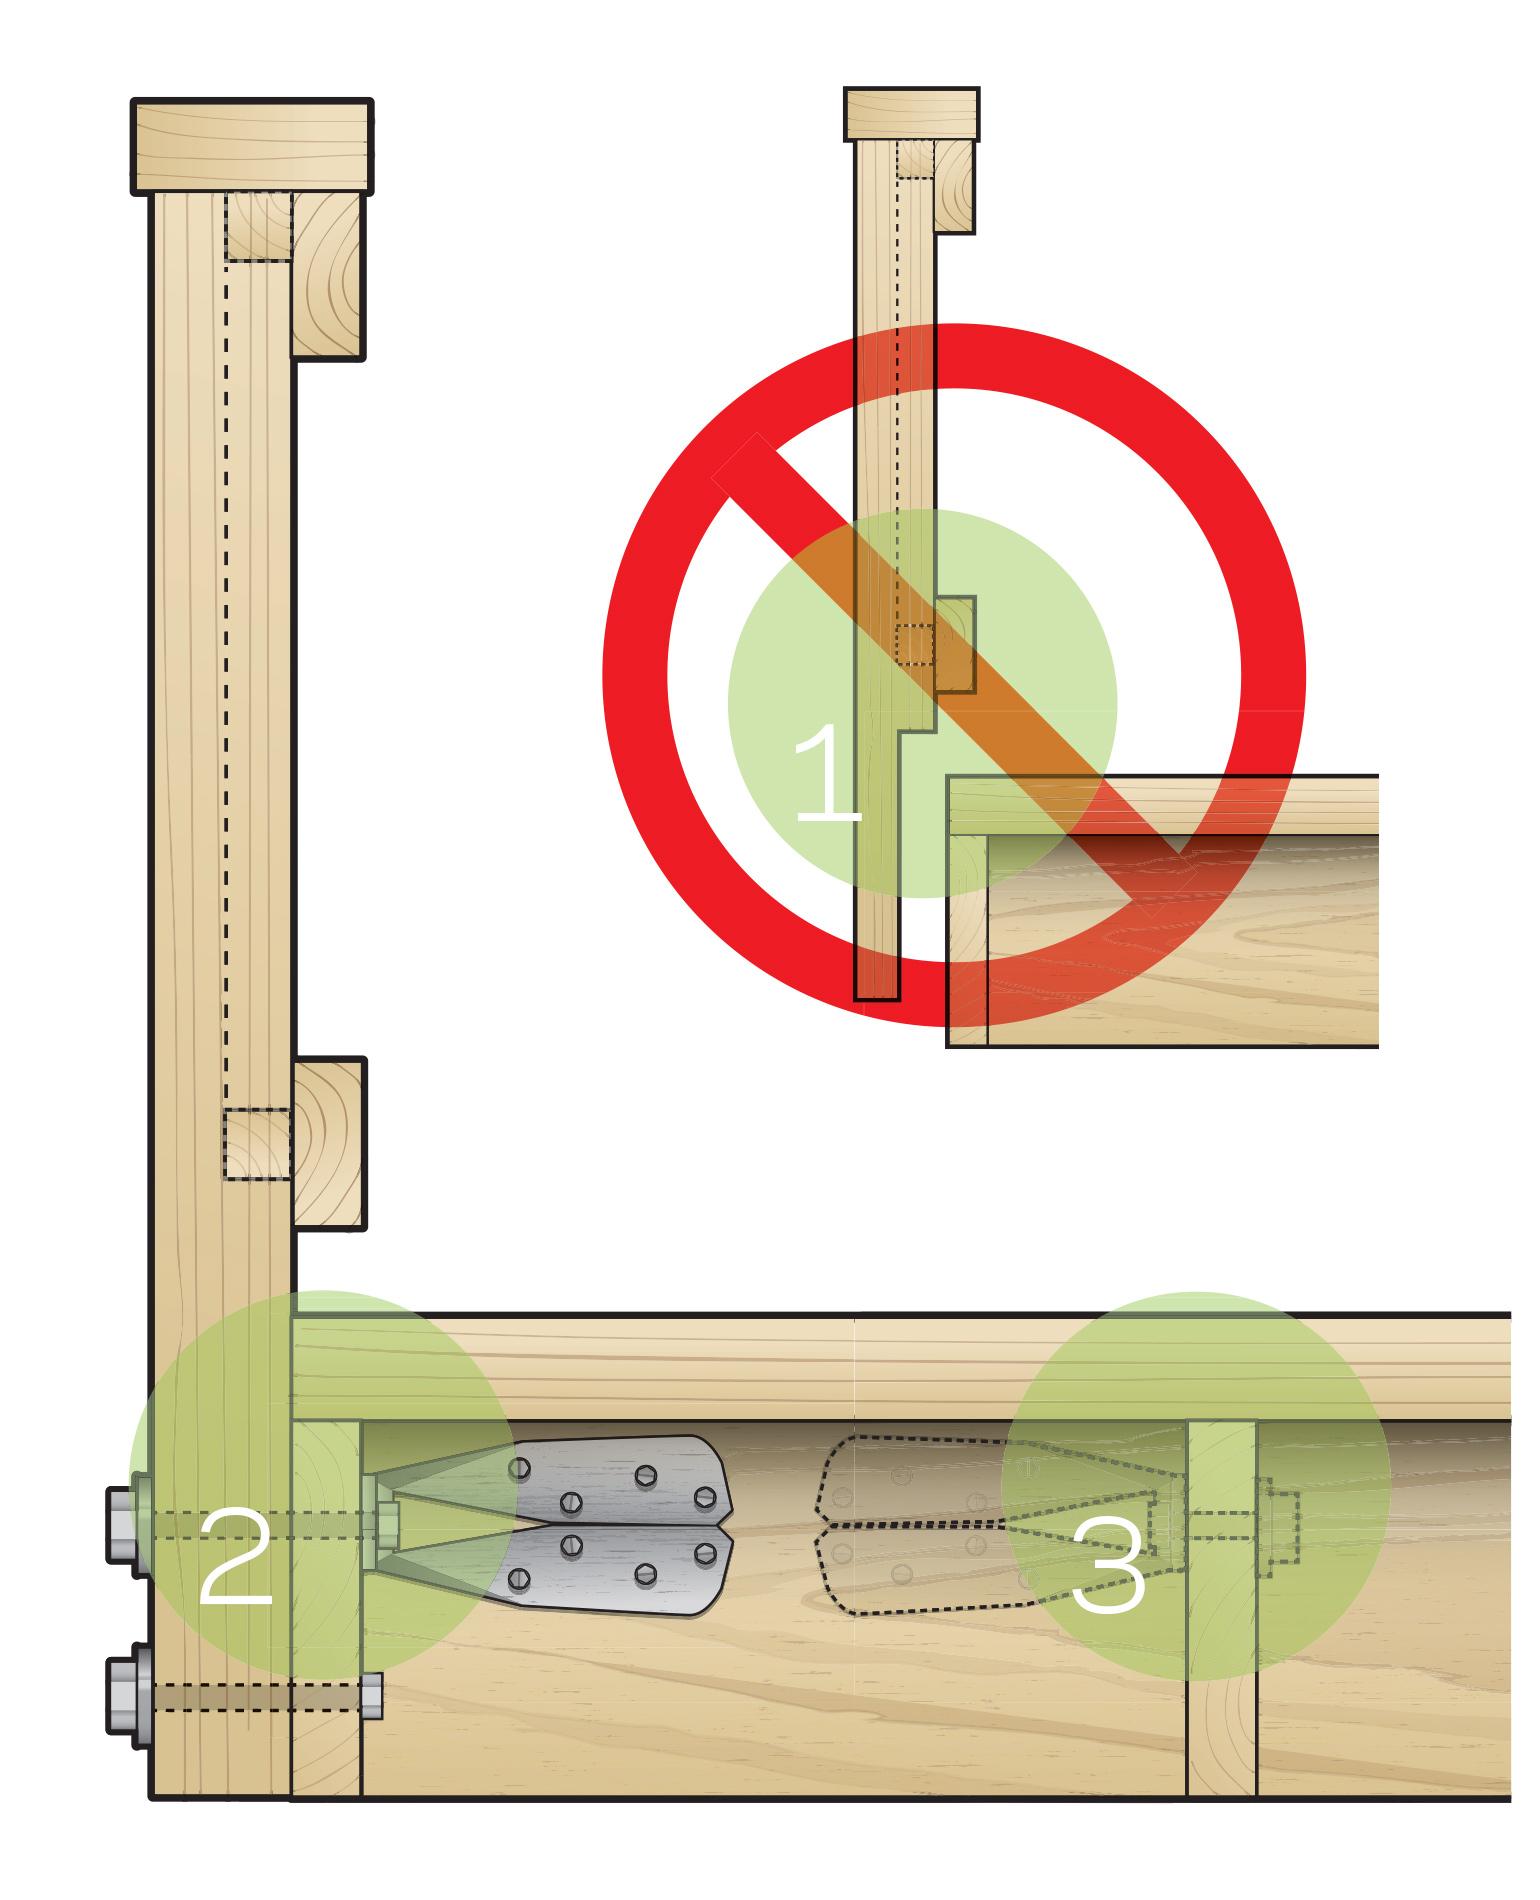 Attaching deck rail posts builder magazine building codes decking decks